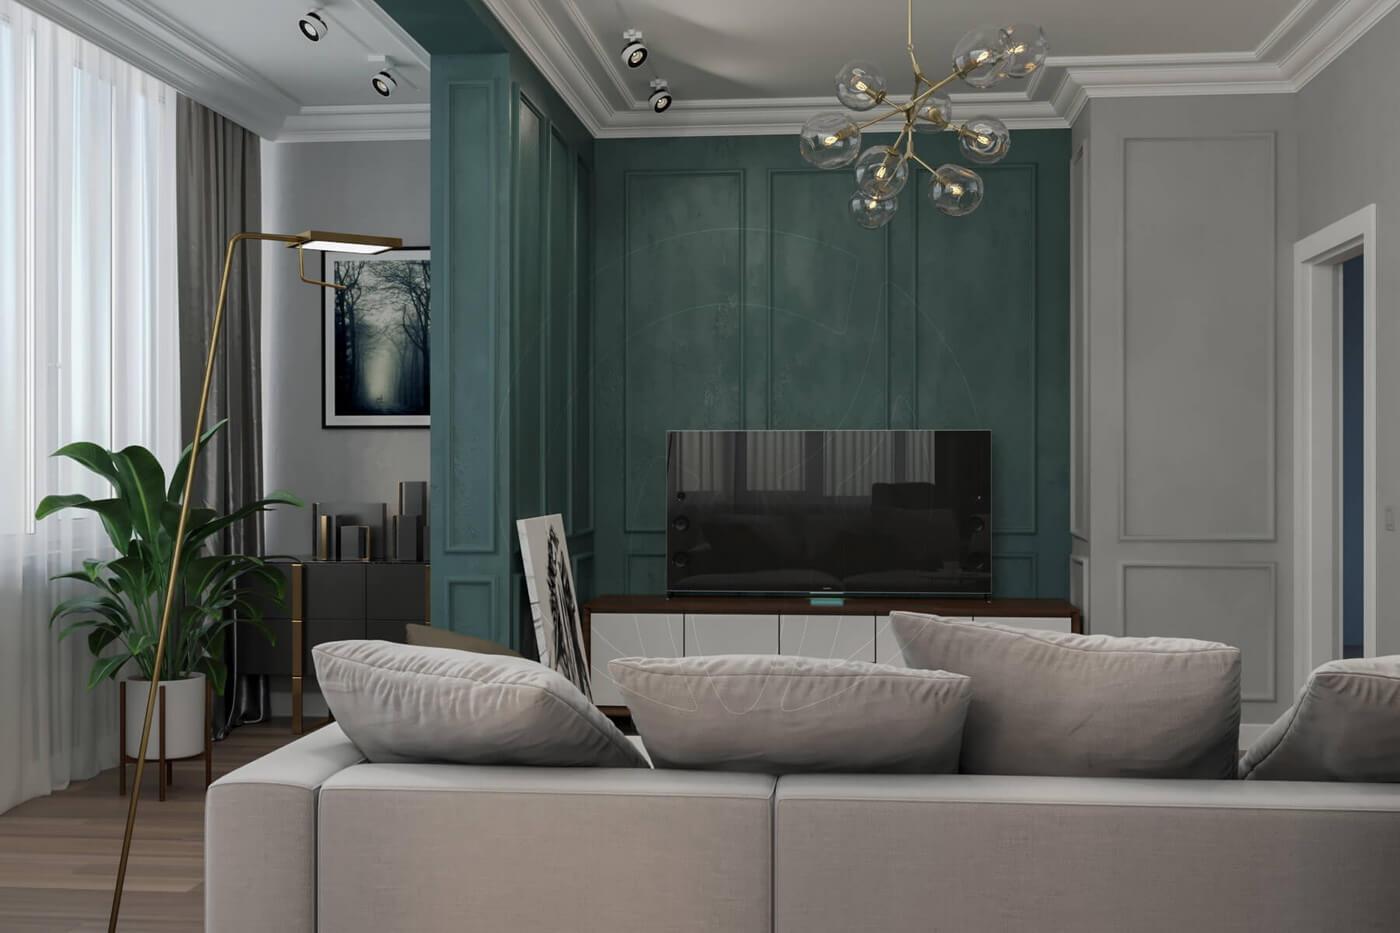 """Квартира в стиле """"современная классика"""". Гостиная в современной классике"""